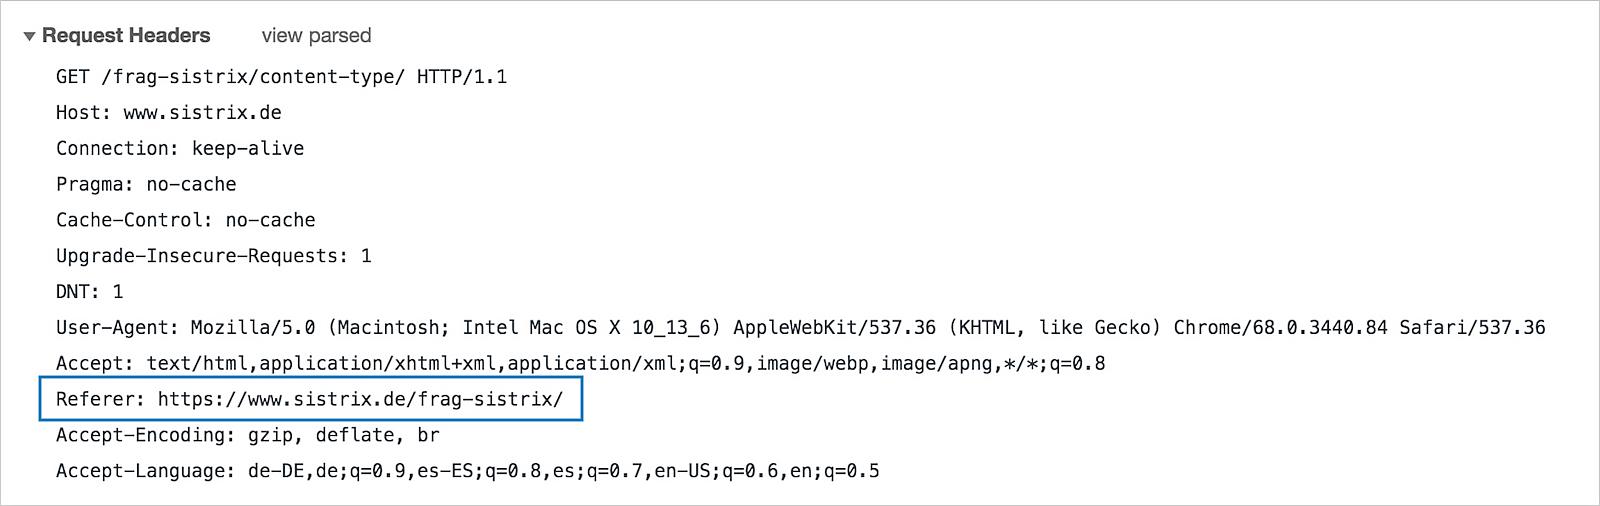 Hier wird ein Beispiel-Get-Request für die Seite sistrix.de/frag-sistrix/content-type/ angezeigt. Der Referer wird im Beispielbild hervorgehoben.